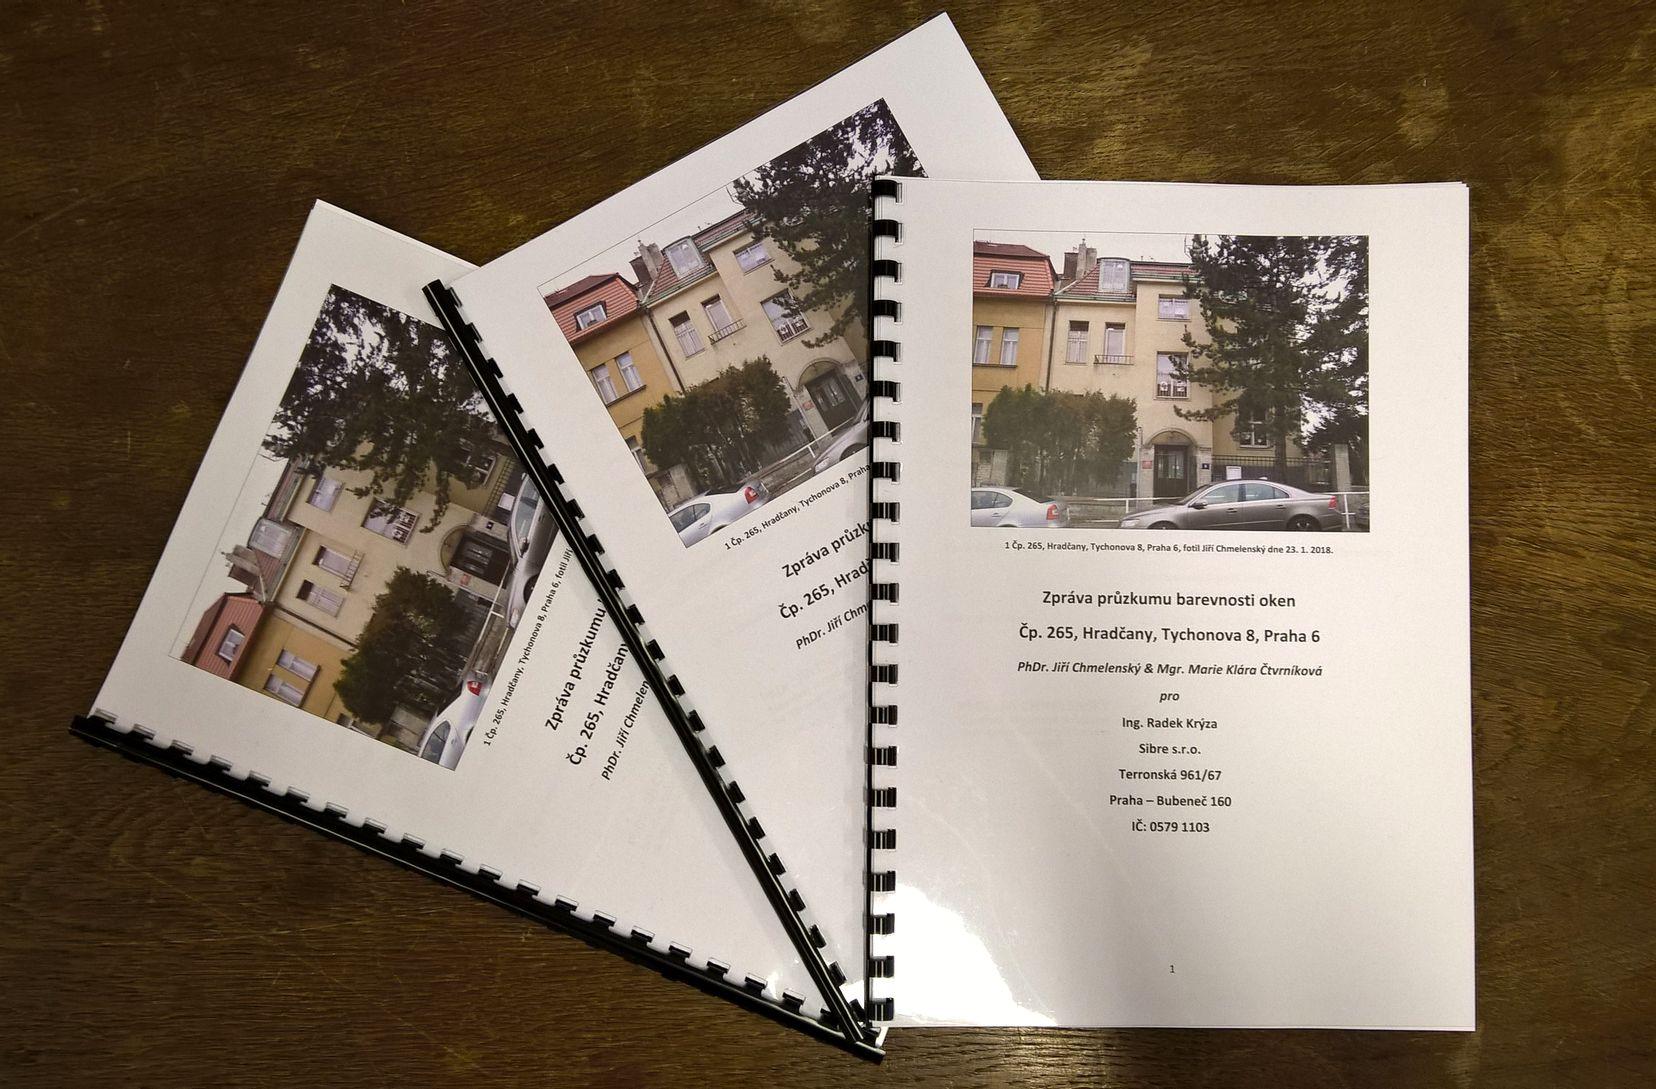 Zpráva z průzkumu barevnosti oken (Hradčany)